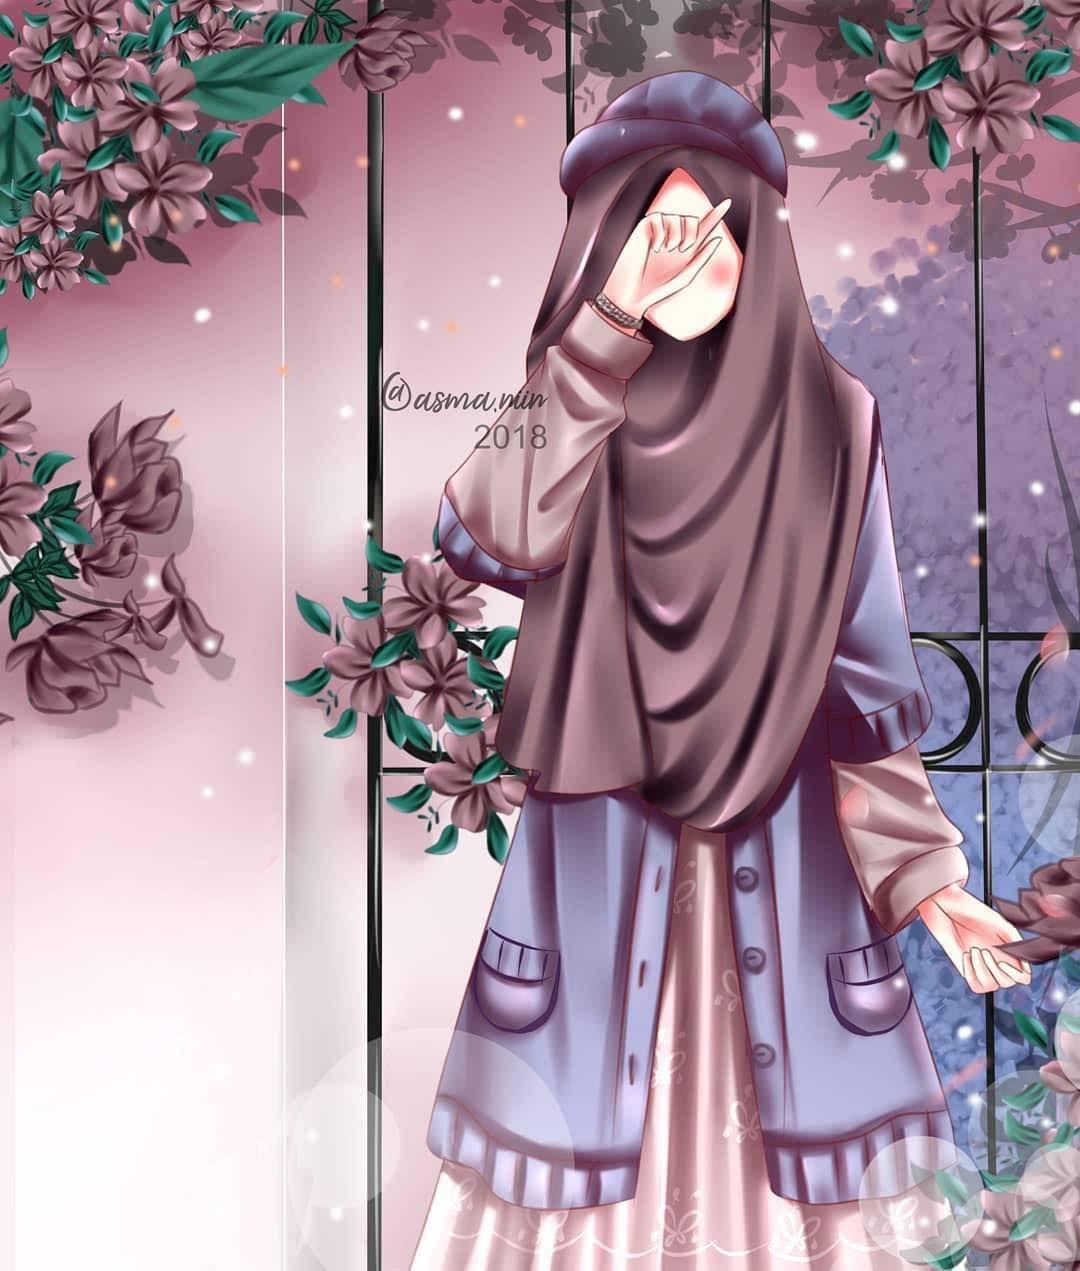 Muslimah Sejati Di Instagram Bismillah Nabi Shalallahu Alaihi Wa Sallam Bersabda Kenalilah Ingatlah Allah Anime Muslimah Hijab Cartoon Anime Muslim